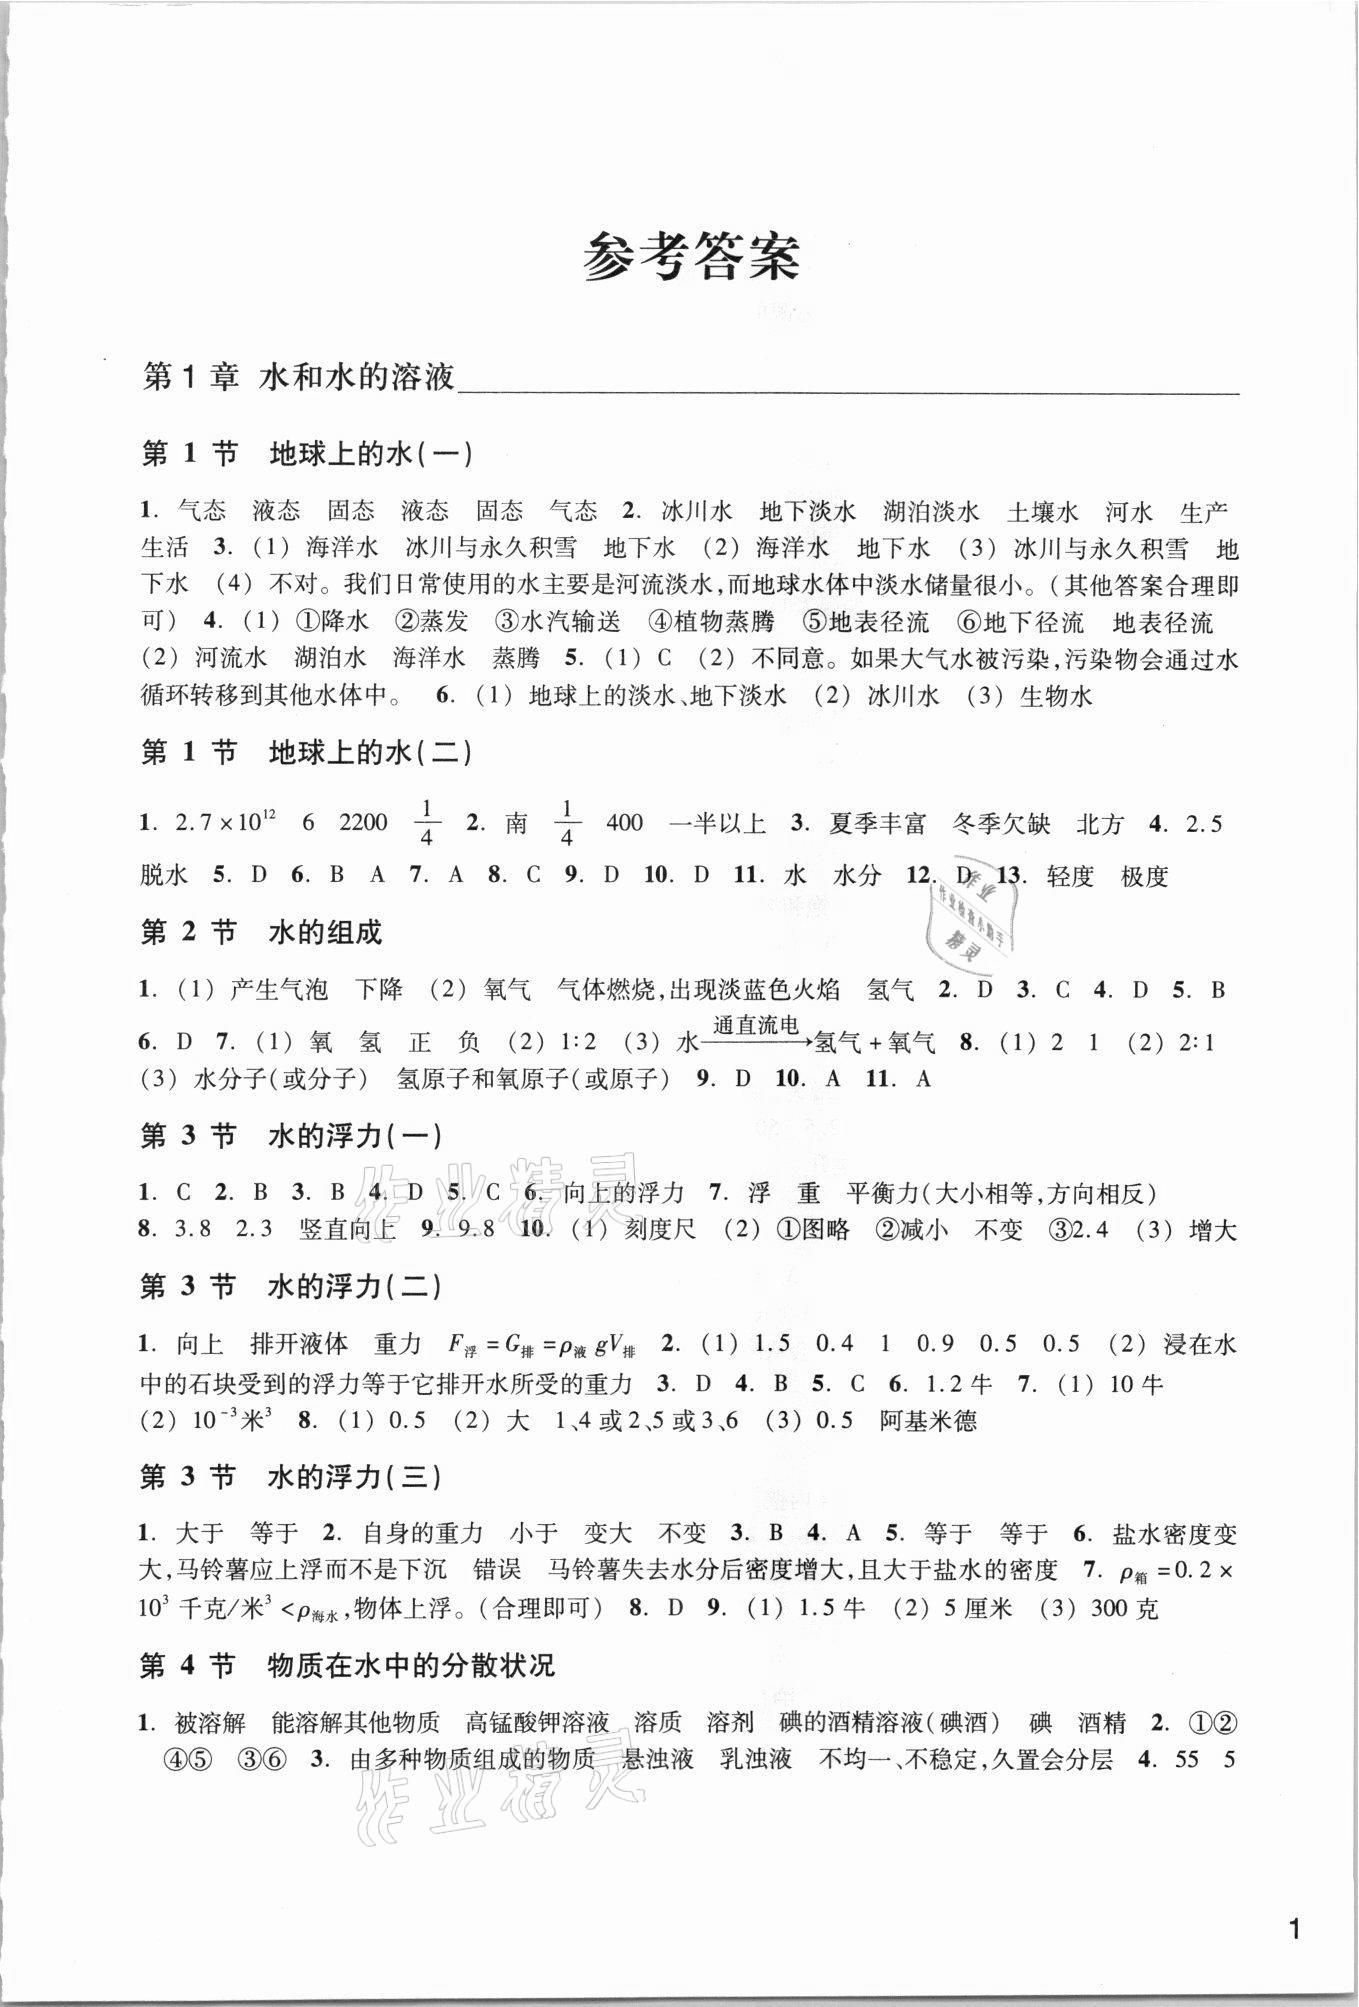 2021年科學作業本八年級上冊浙教版浙江教育出版社第1頁